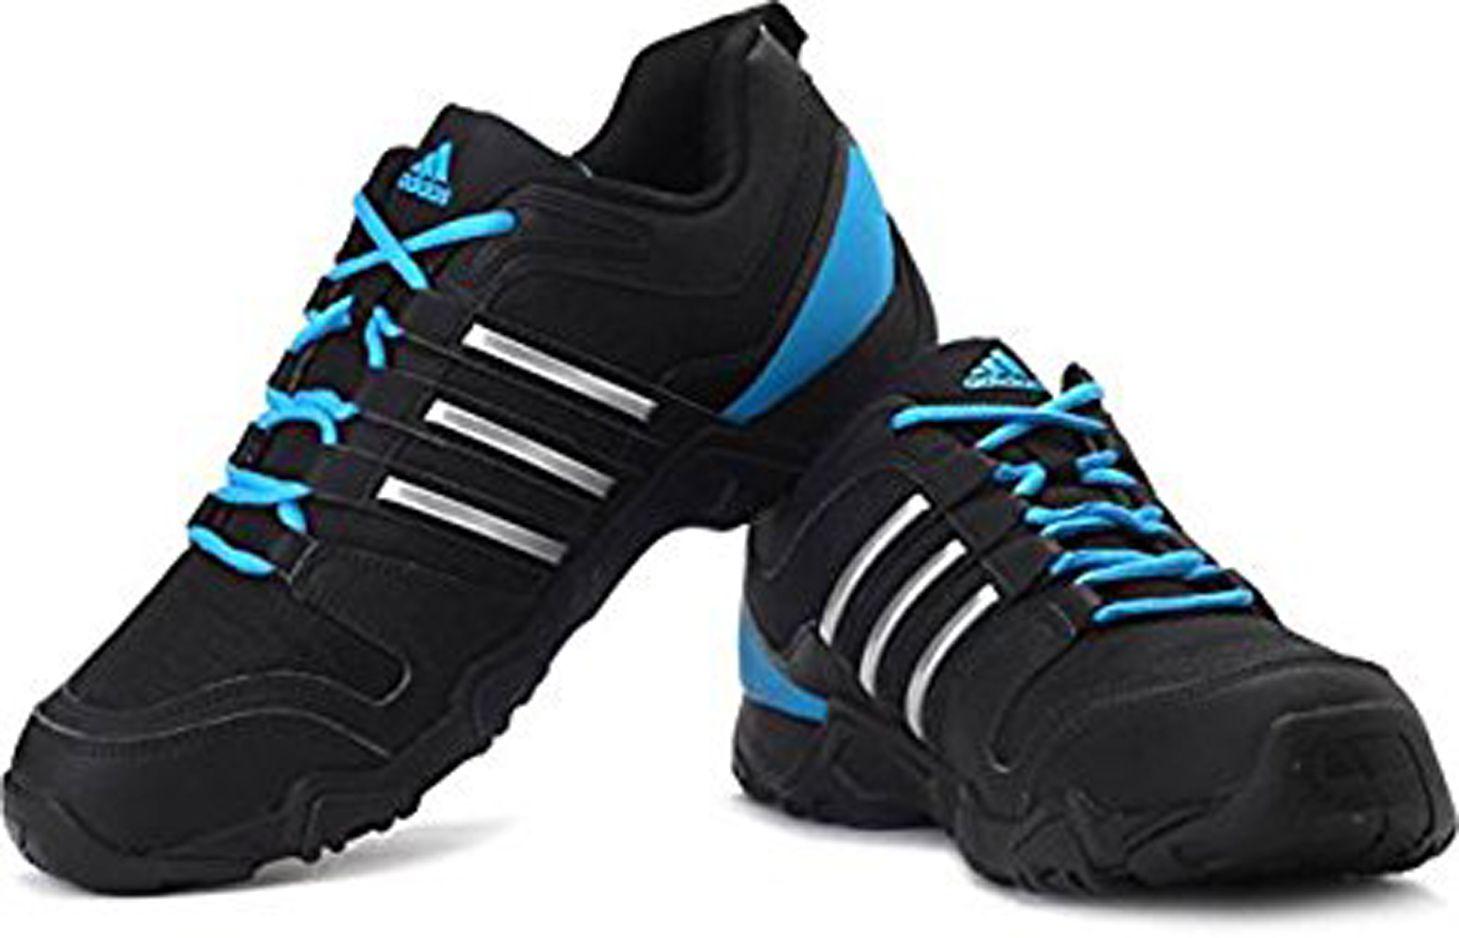 Buy Adidas Agora 1.0 Multisport Outdoor